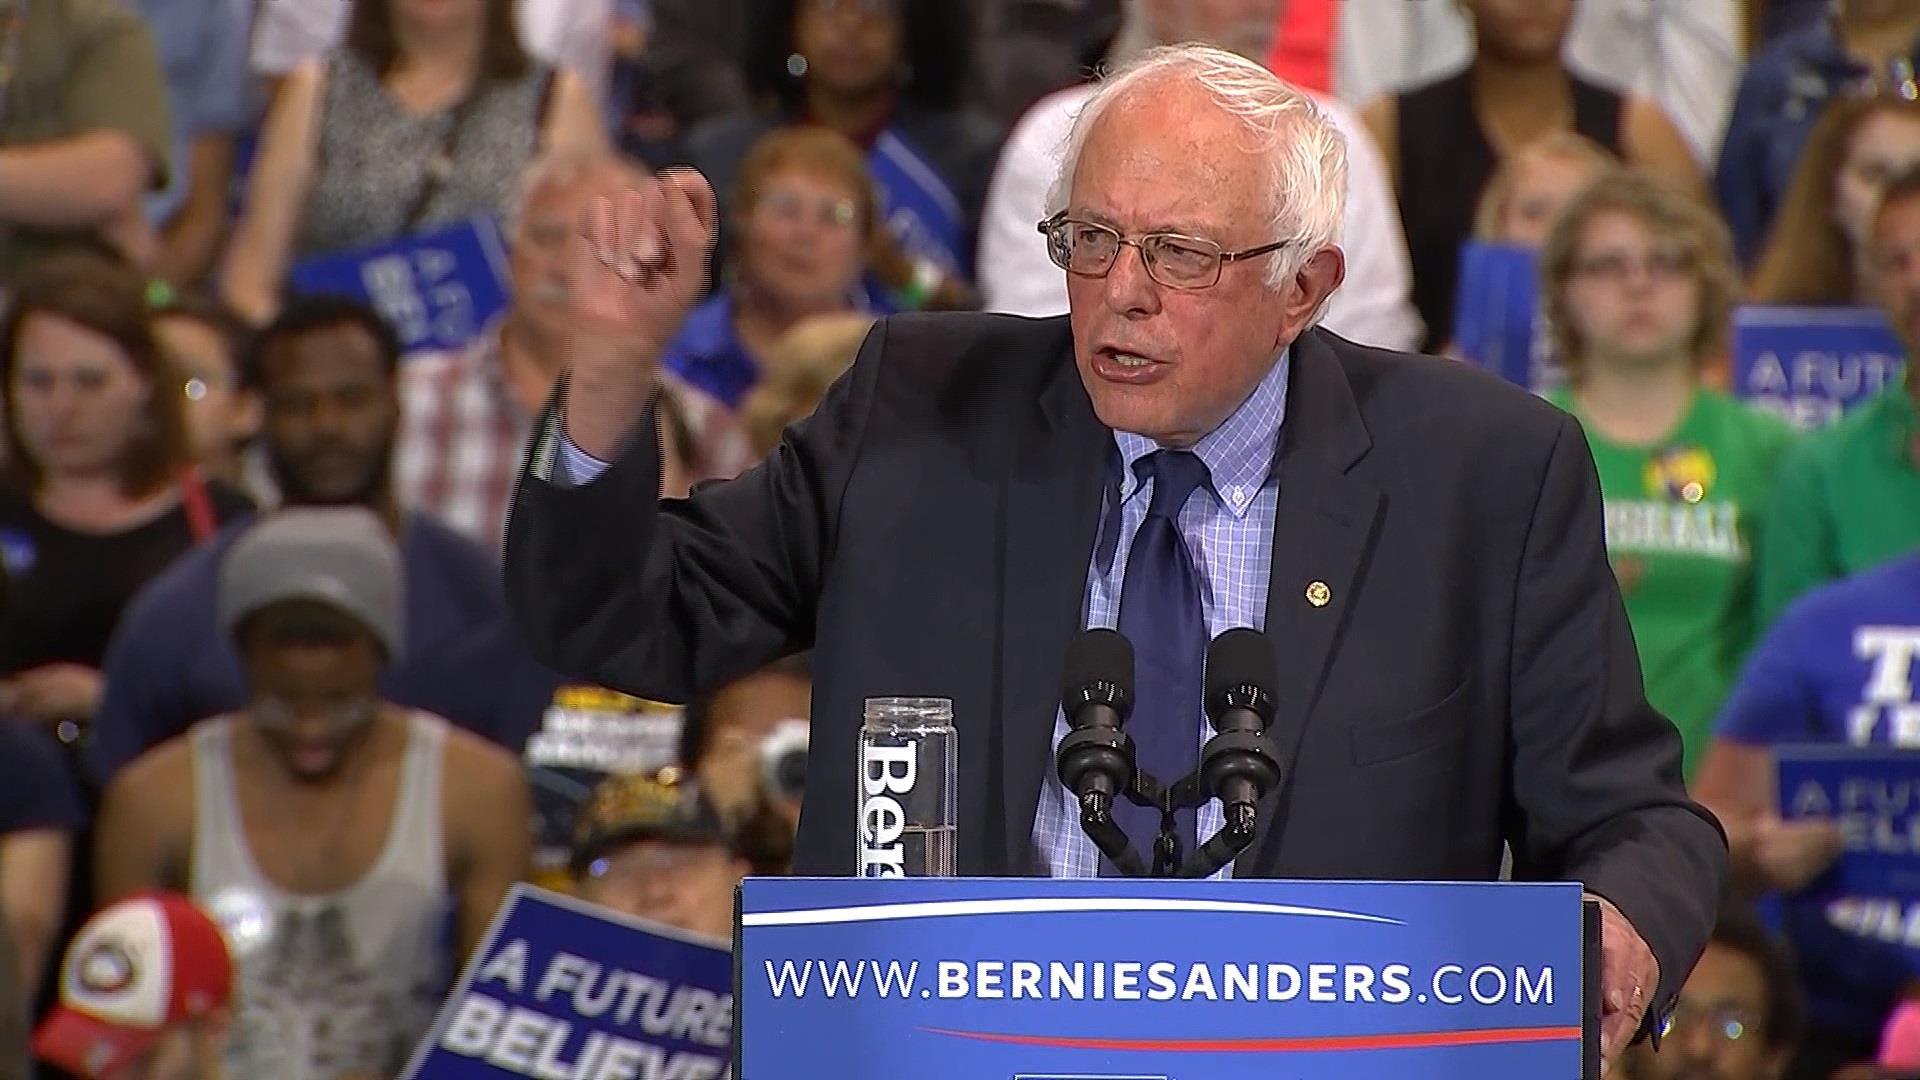 Sanders speaks to WV supporters